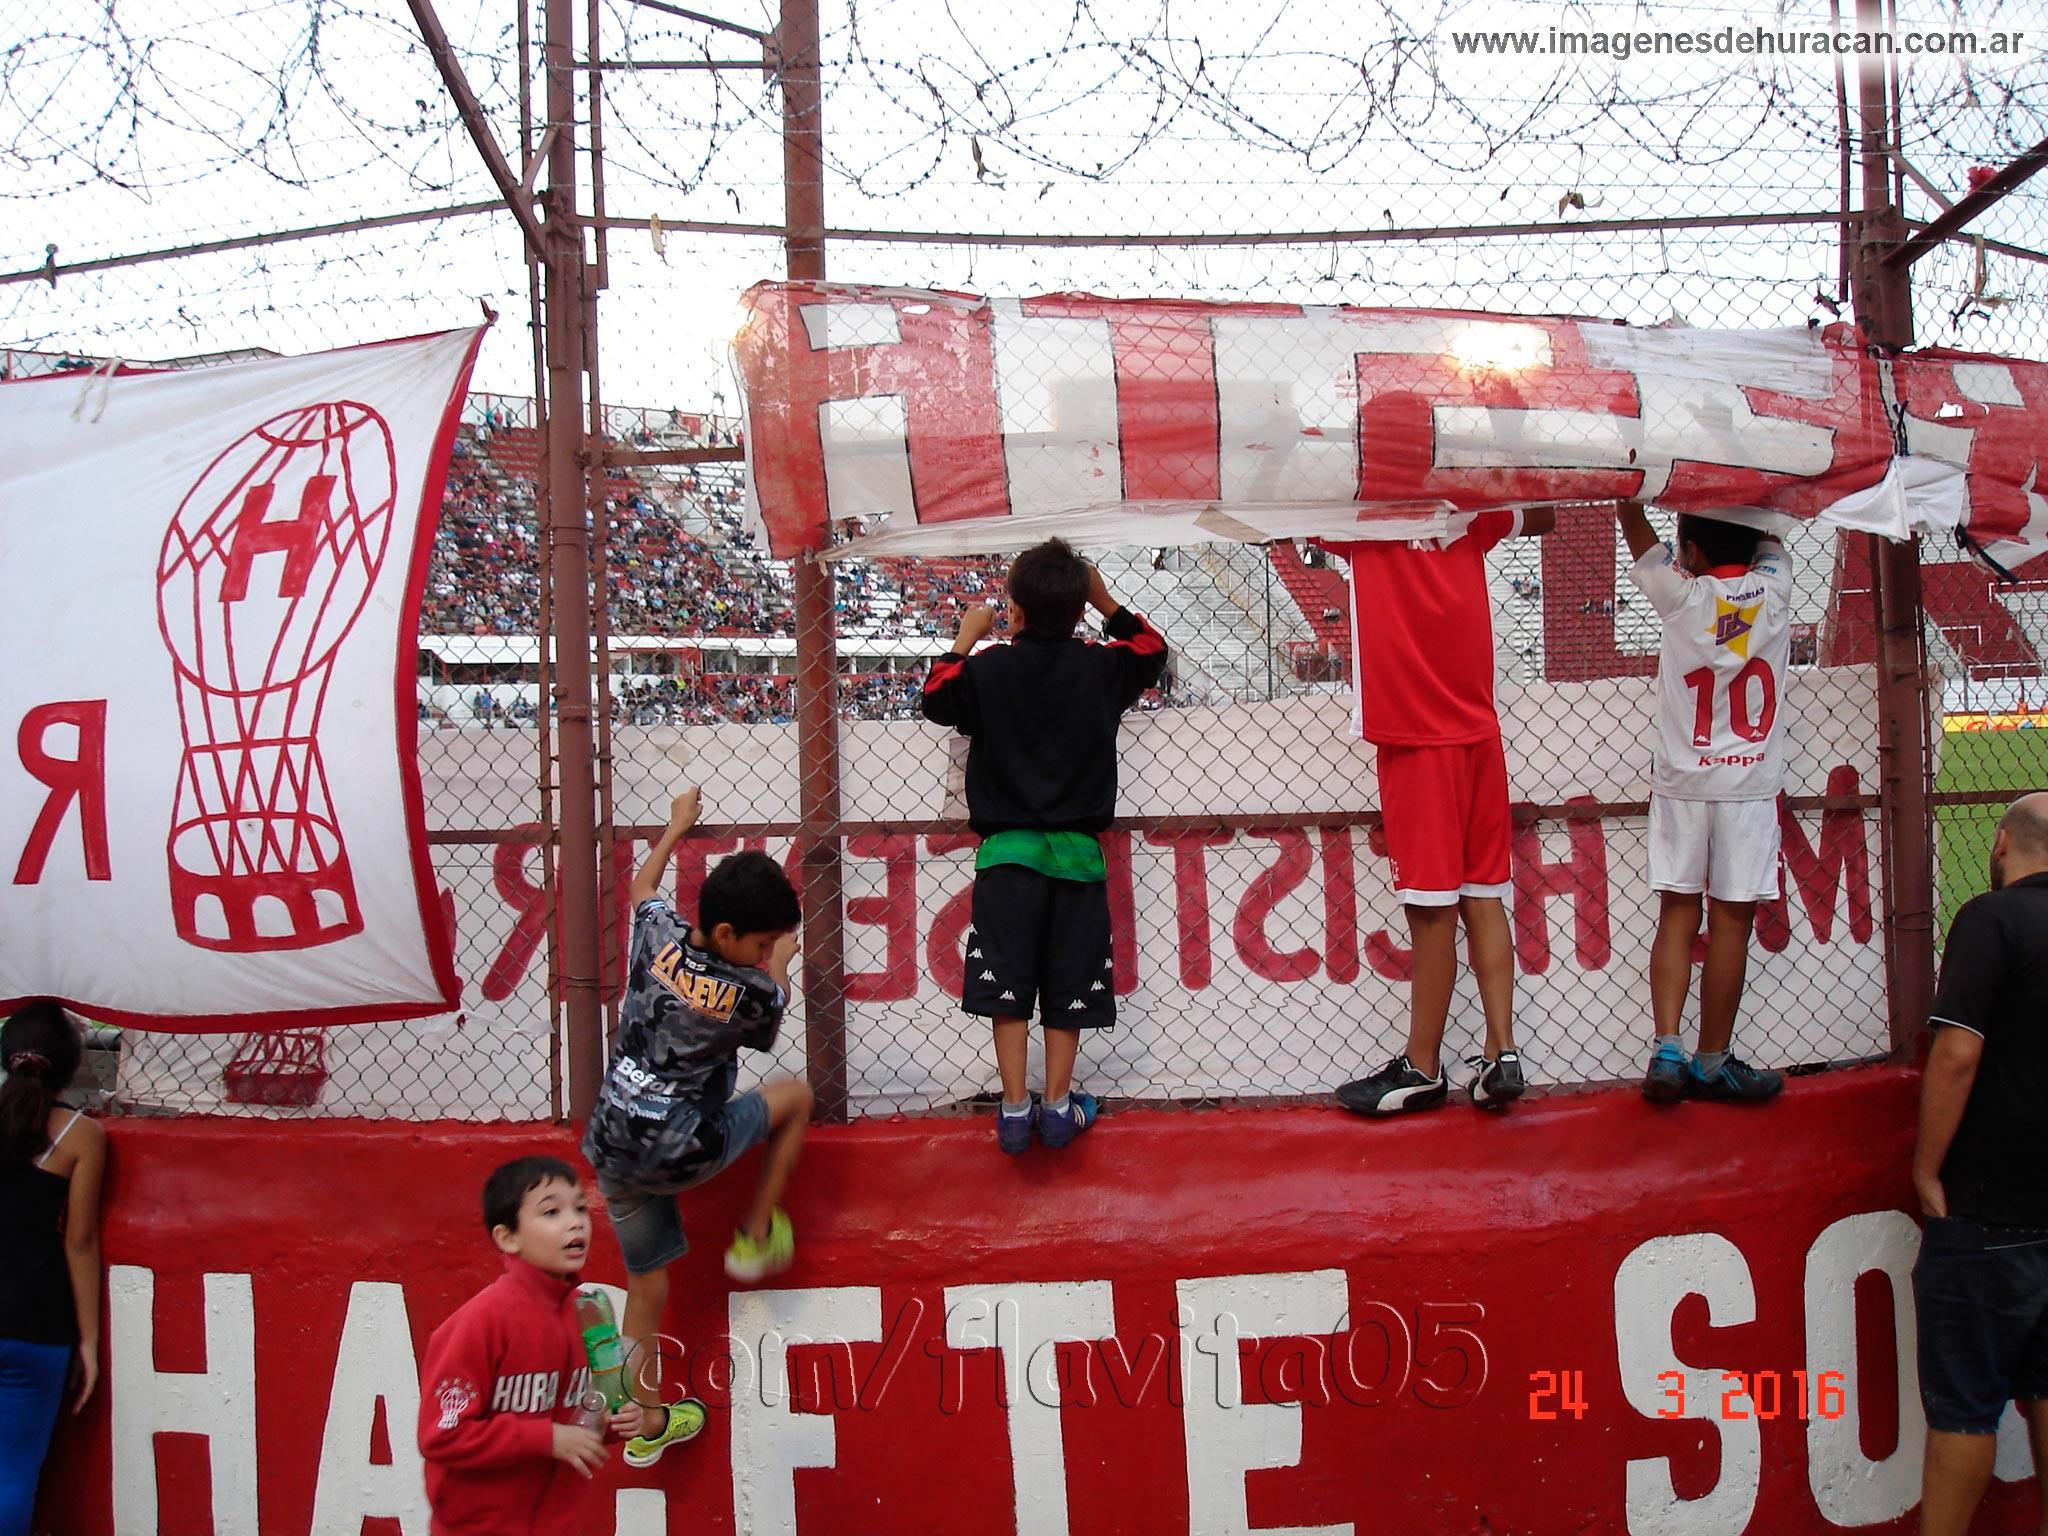 Huracán vs Aldosivi fecha 3 torneo de primera división 2016